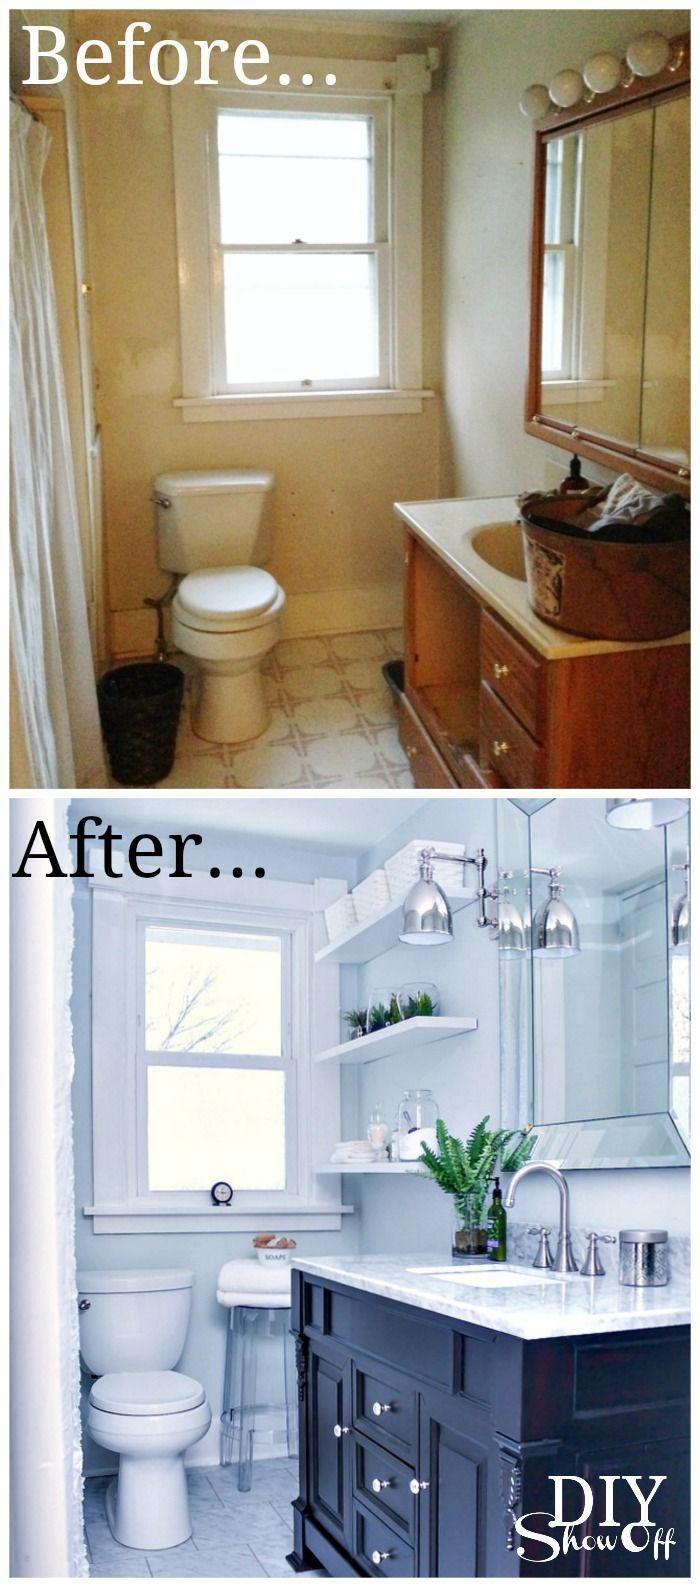 Diy bathroom makeover ideas - Diy Show Off Diy Bathroom Remodelbathroom